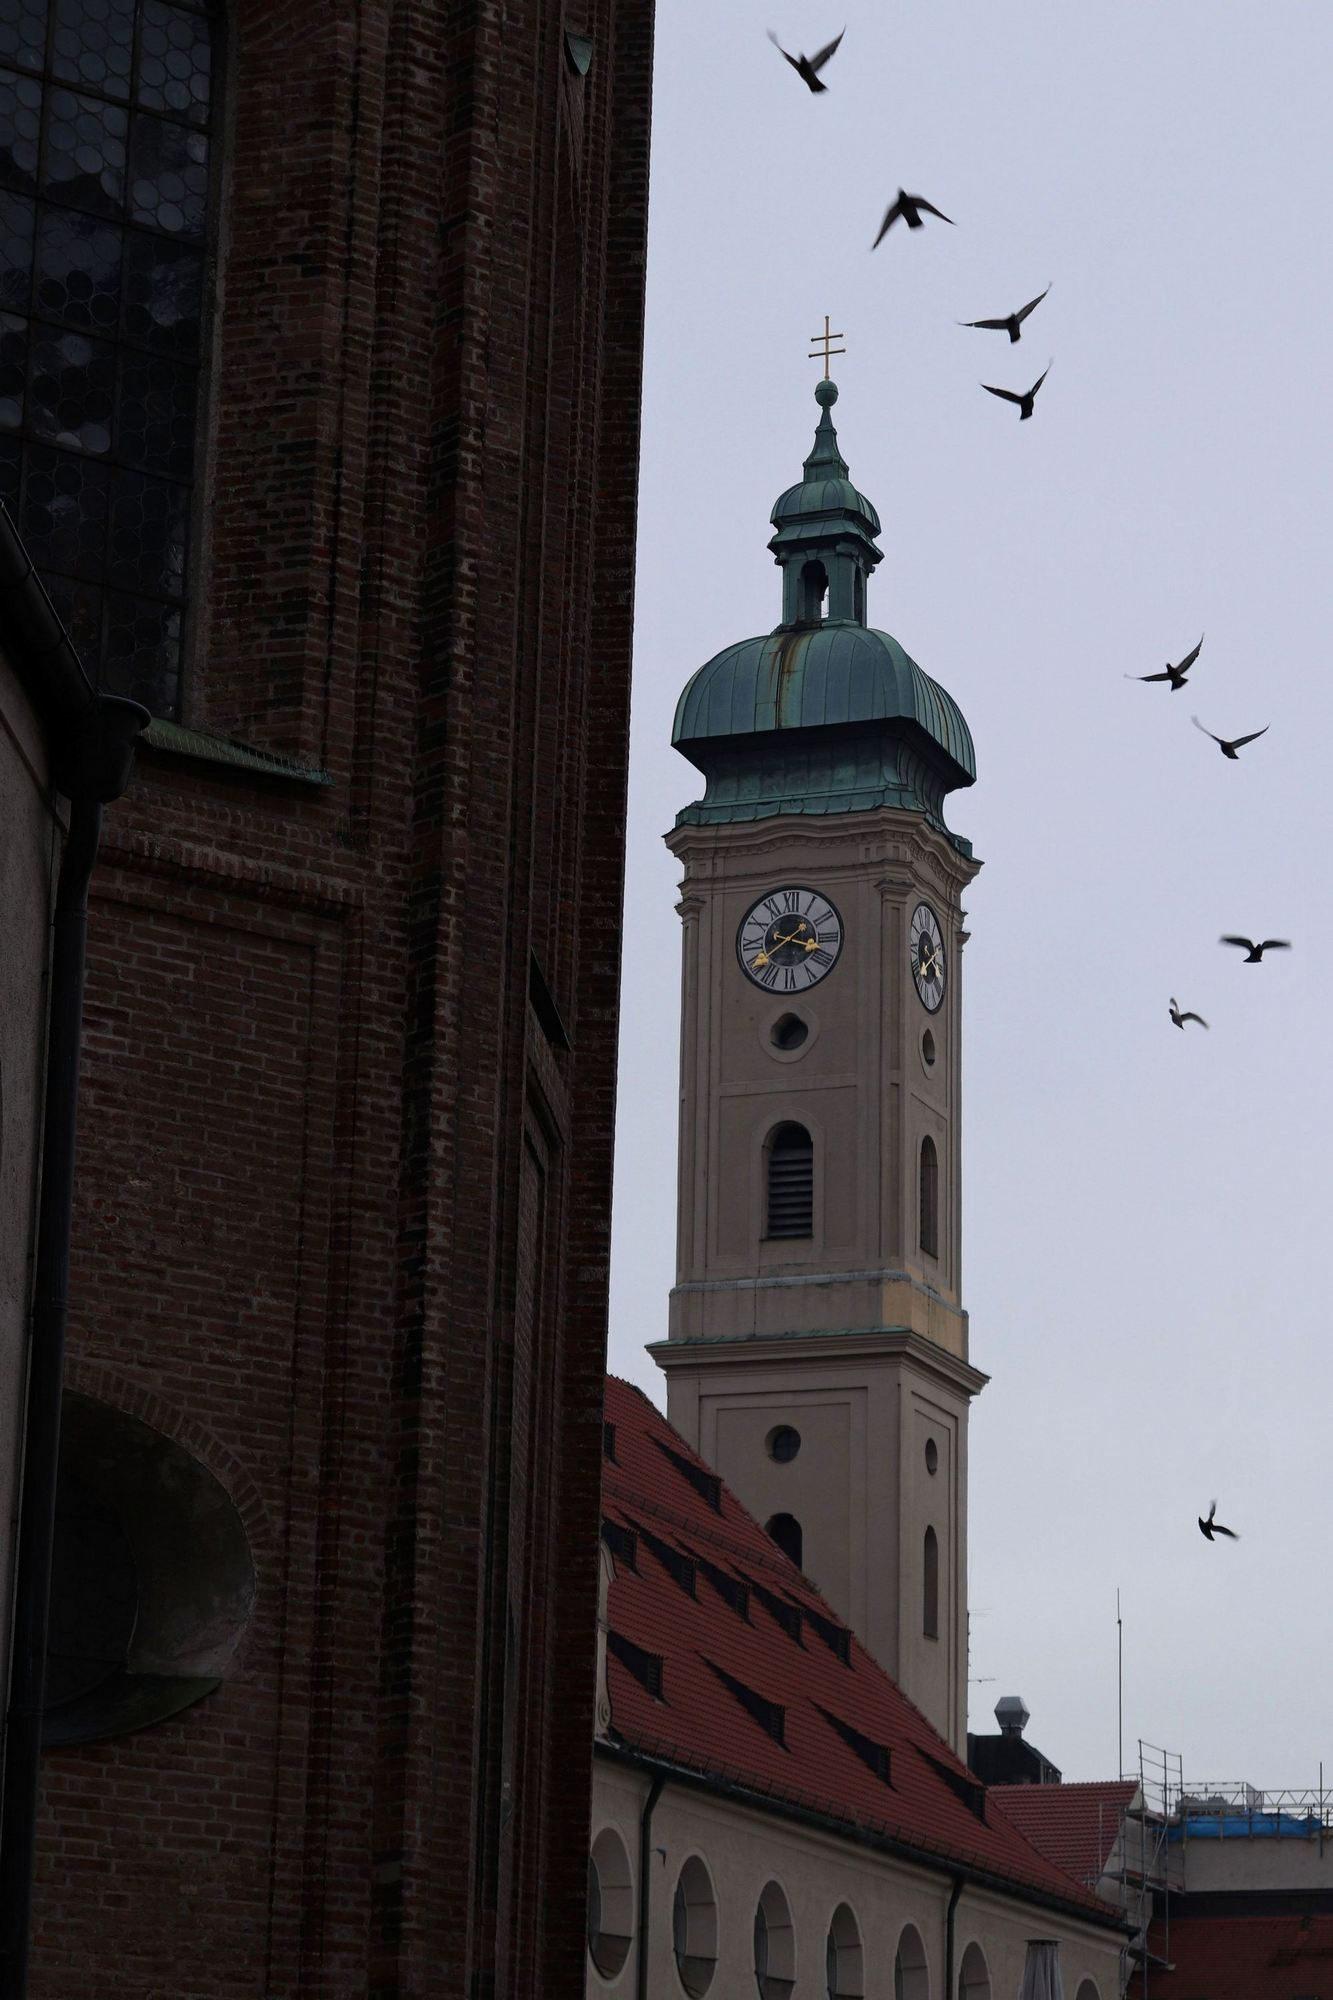 Heilig-Geist-Kirche mit Tauben in München